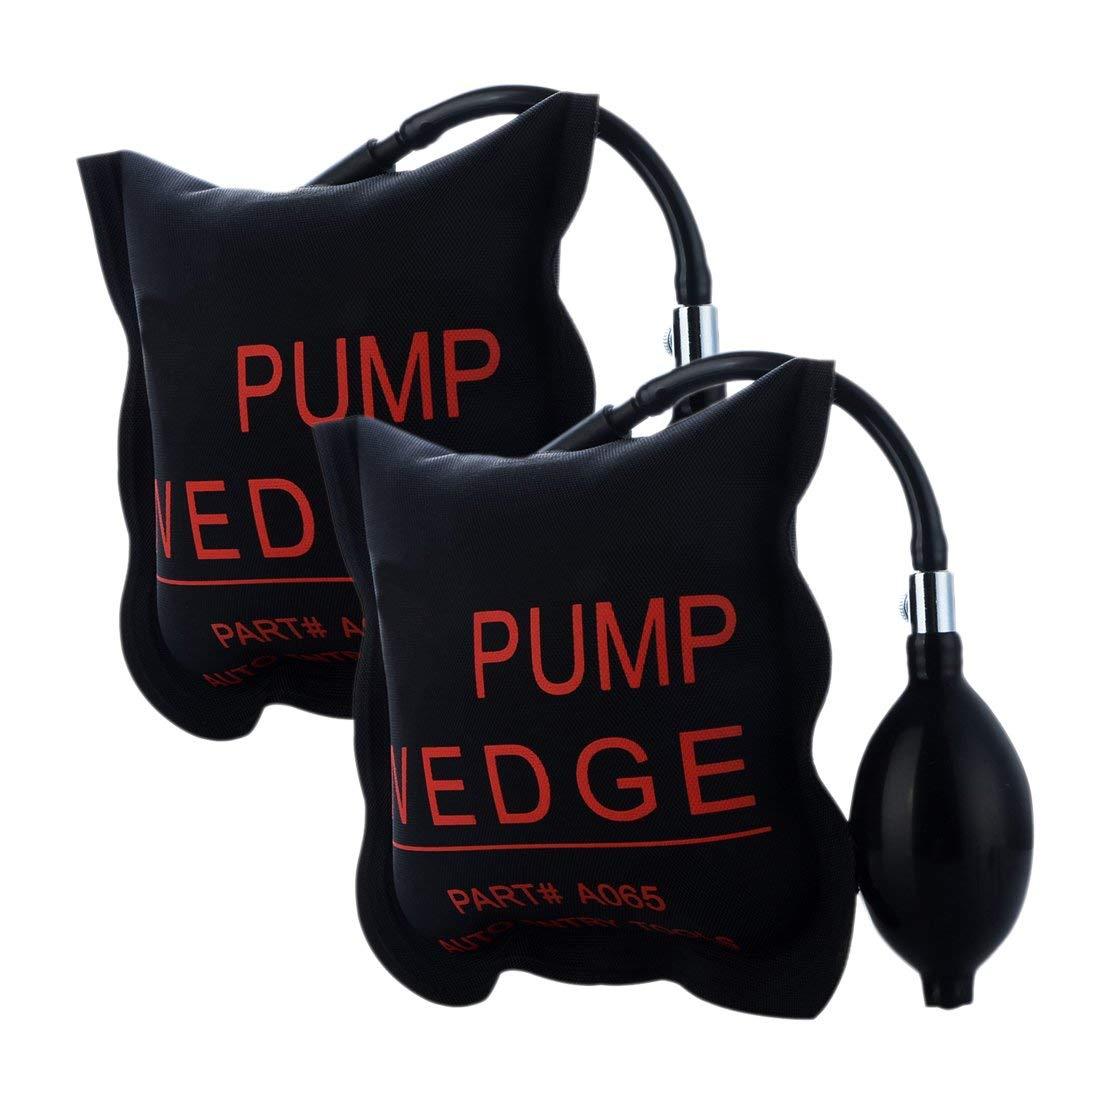 Pump Air Wedge Alignment Tool Aufblasbare Shim Air gepolsterte leistungsstarke Handwerkzeuge